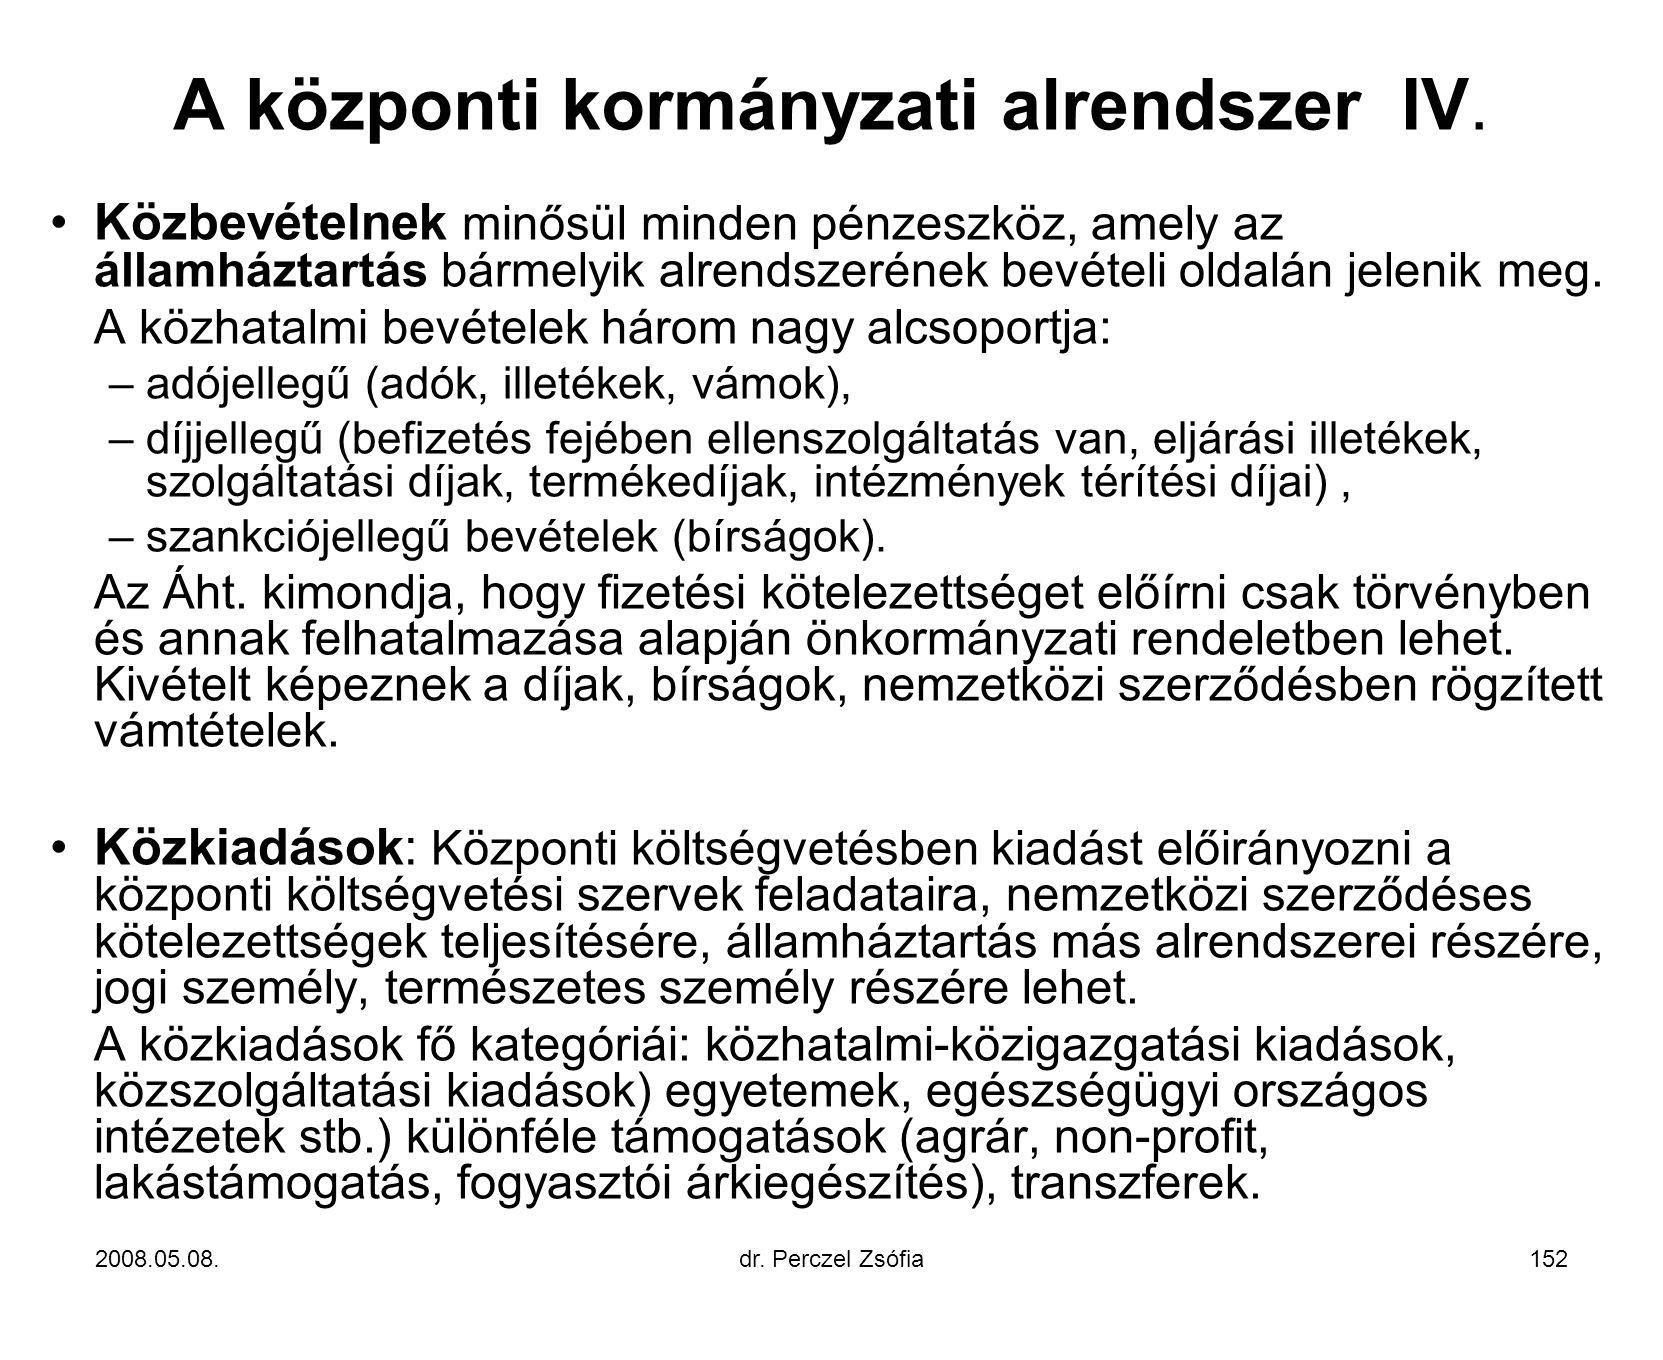 A központi kormányzati alrendszer IV.